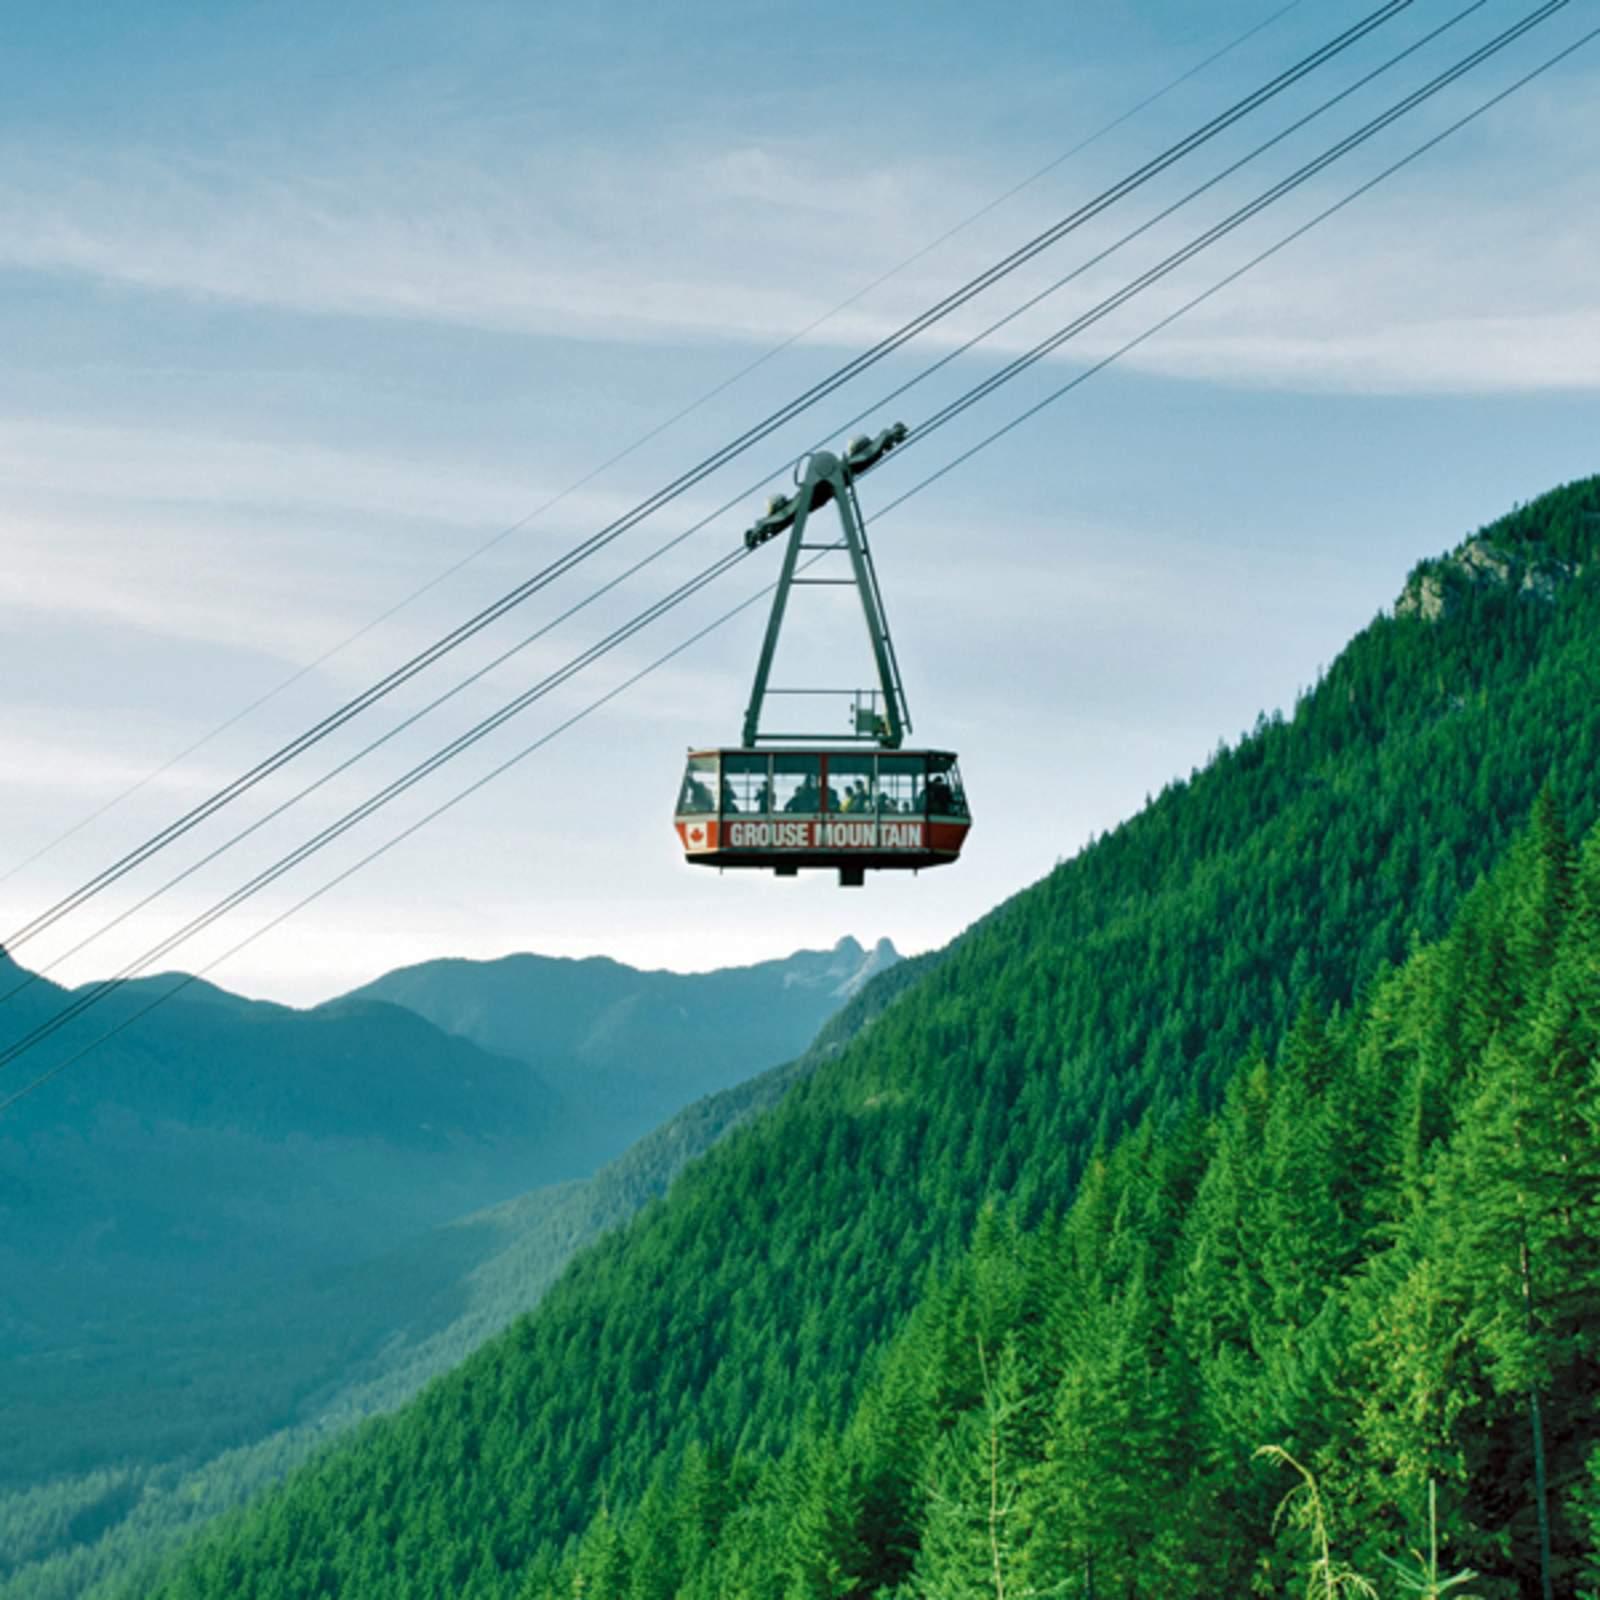 Seilbahn am Grouse Mountain